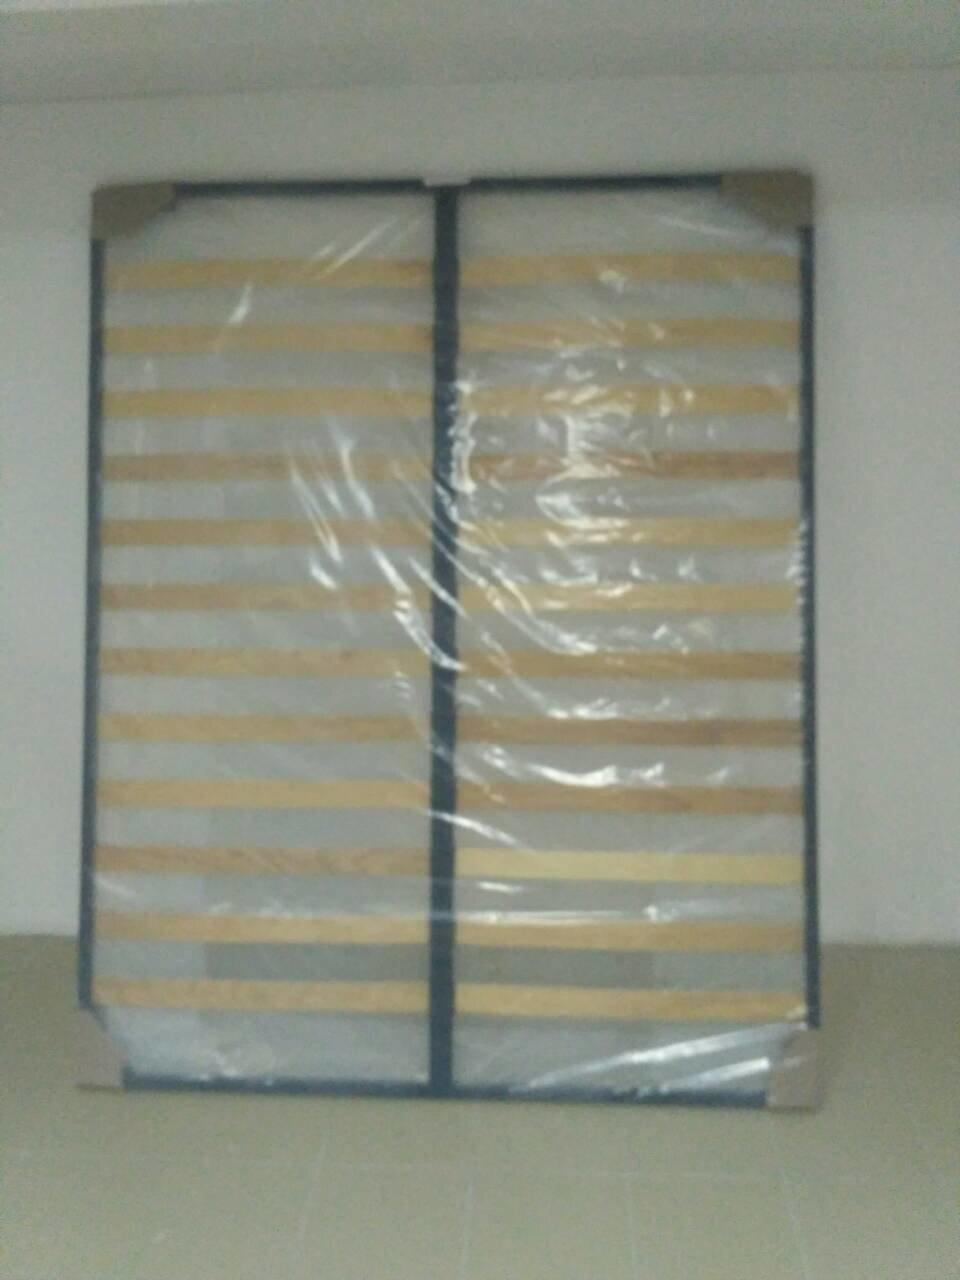 Ортопедическое основание для кровати 80*200 березовые ламели - фото Ортопедическое основание кровати